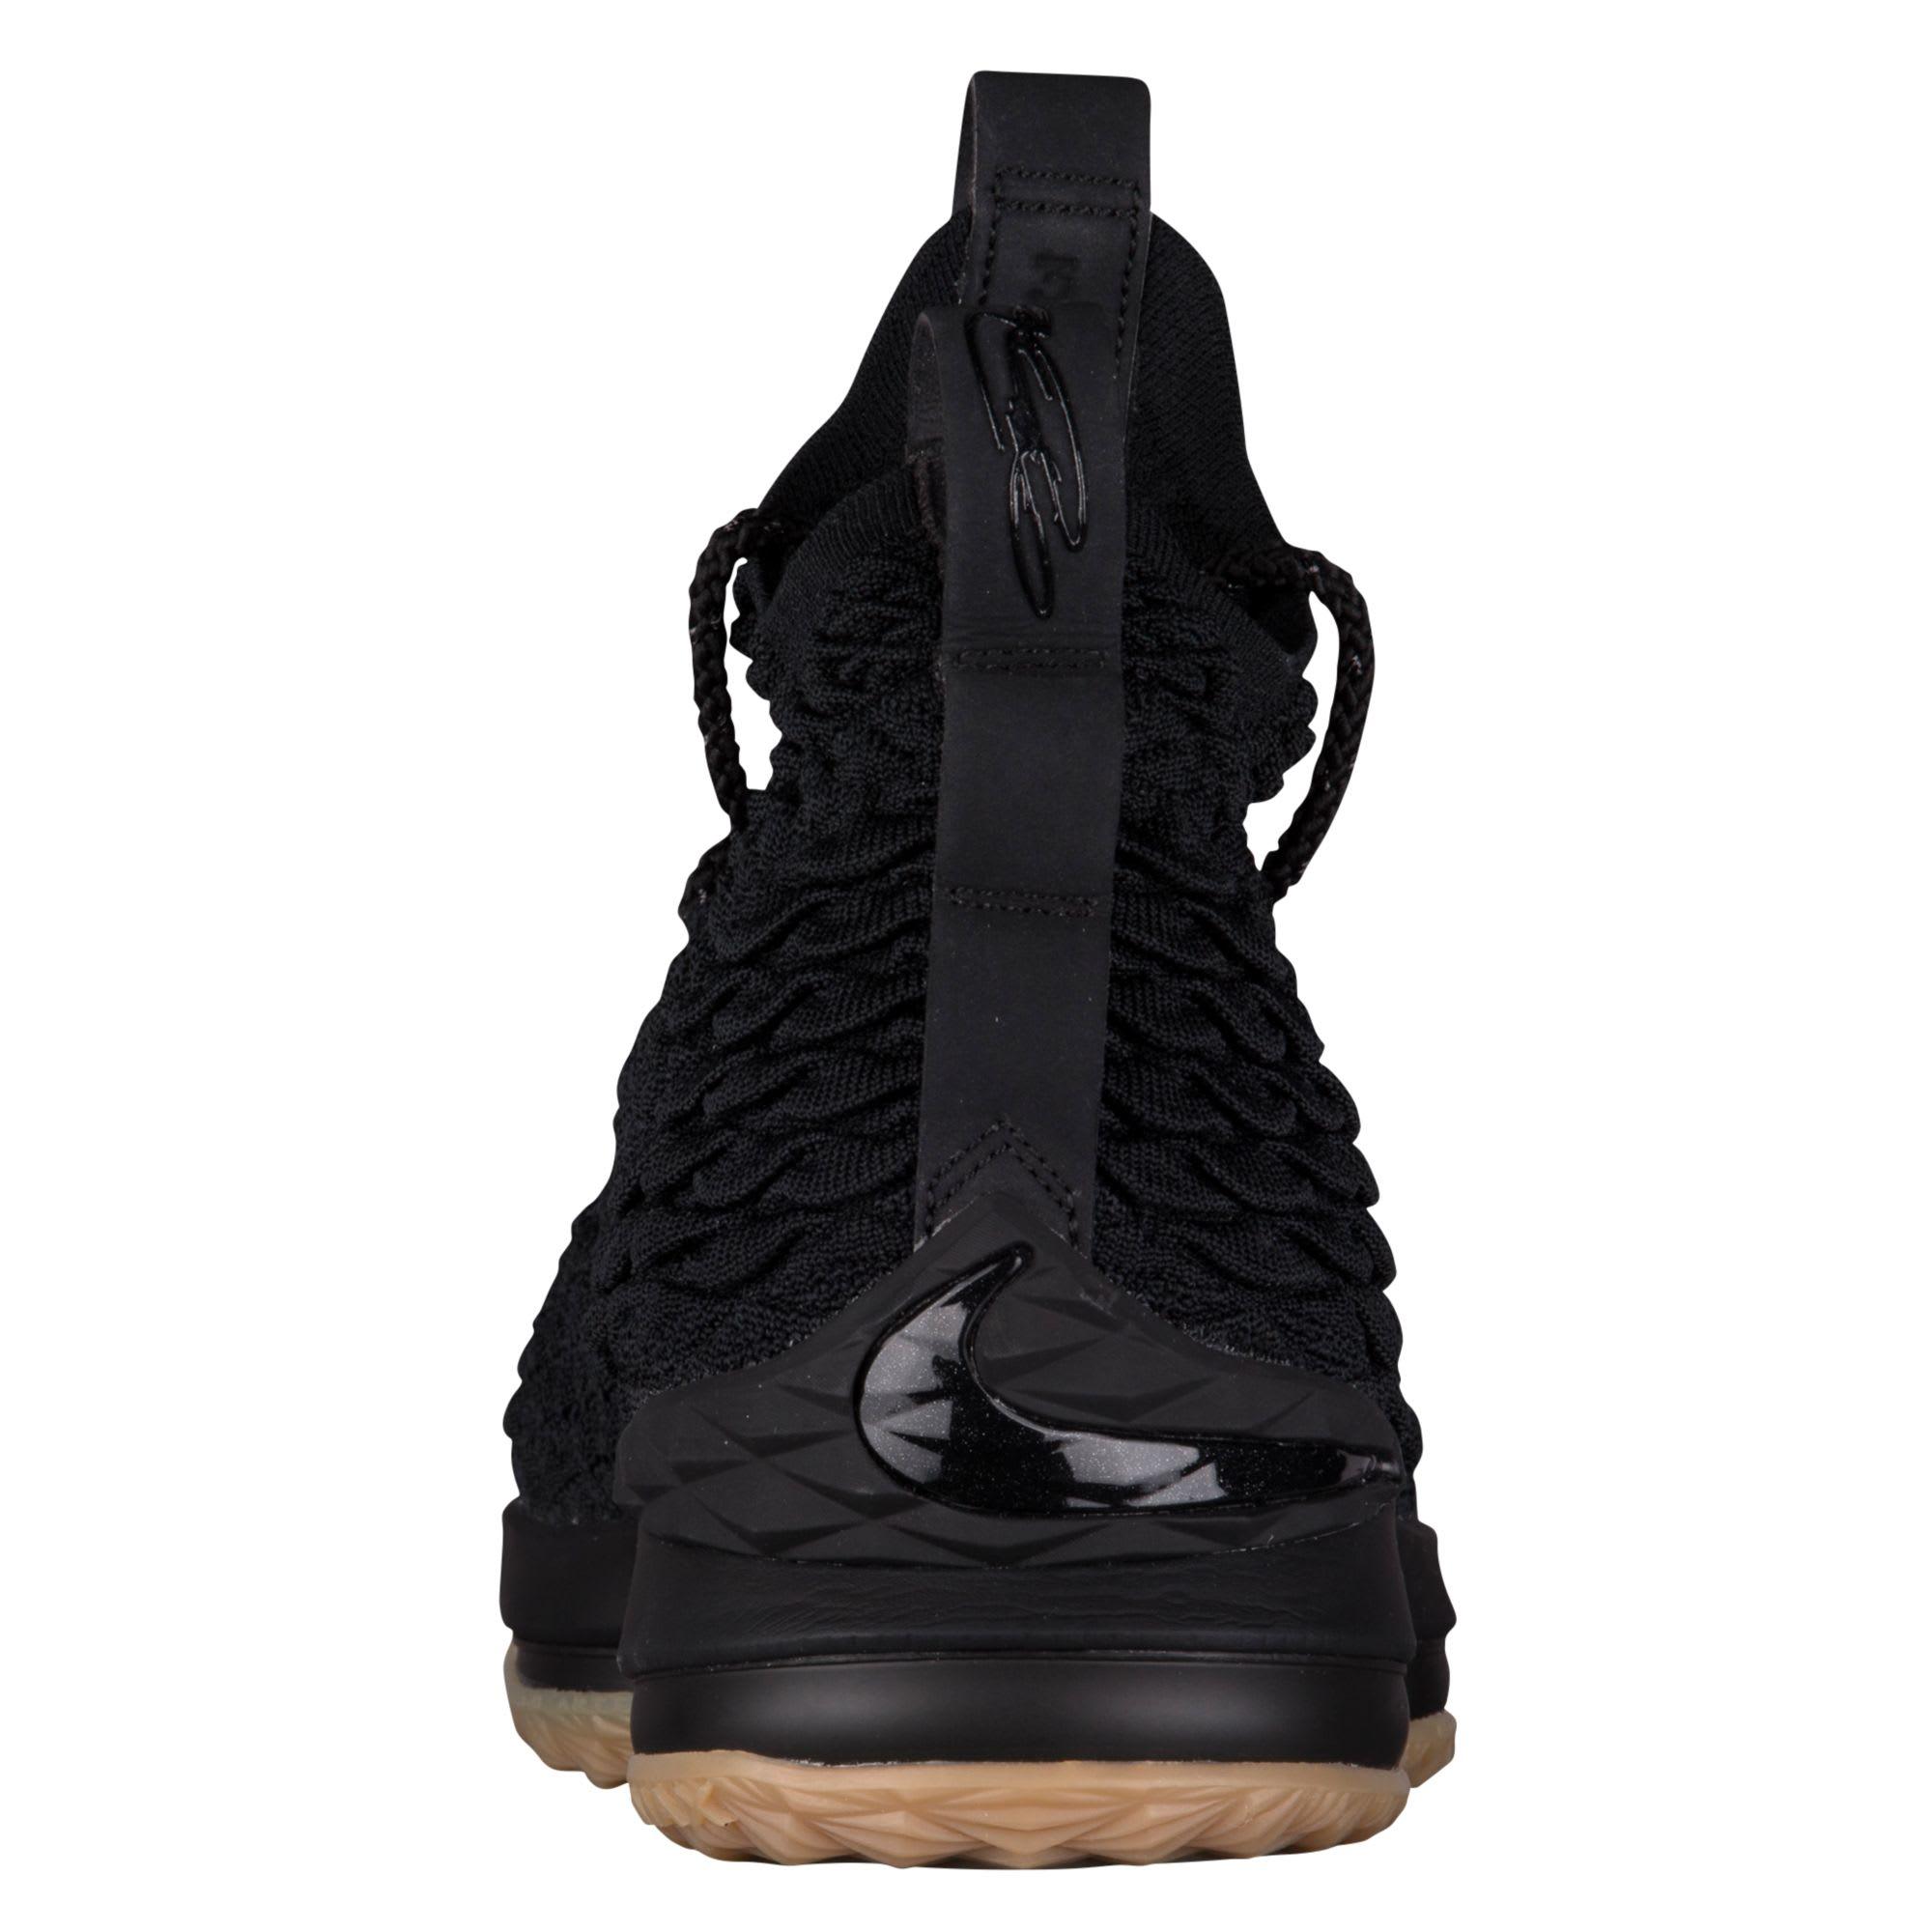 d988e30857a Nike LeBron 15 Black Gum Release Date 897648-300 Heel